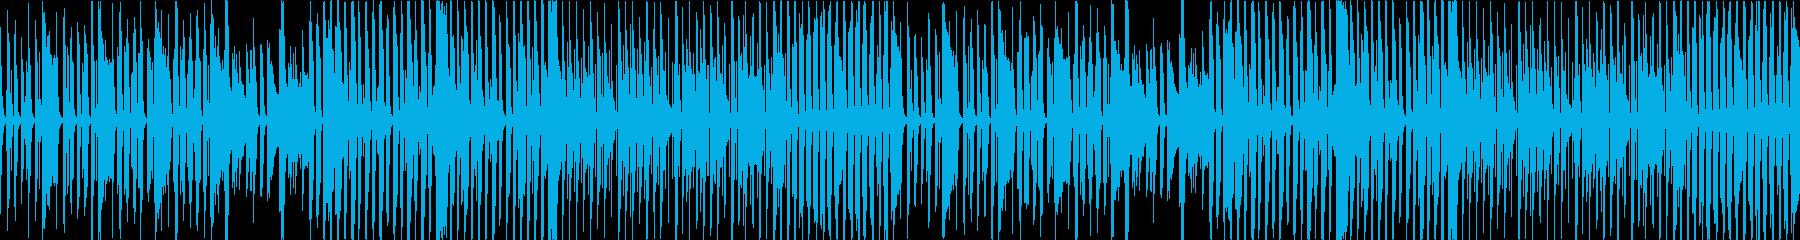 【Loop】呑気で平和なコミカル曲の再生済みの波形